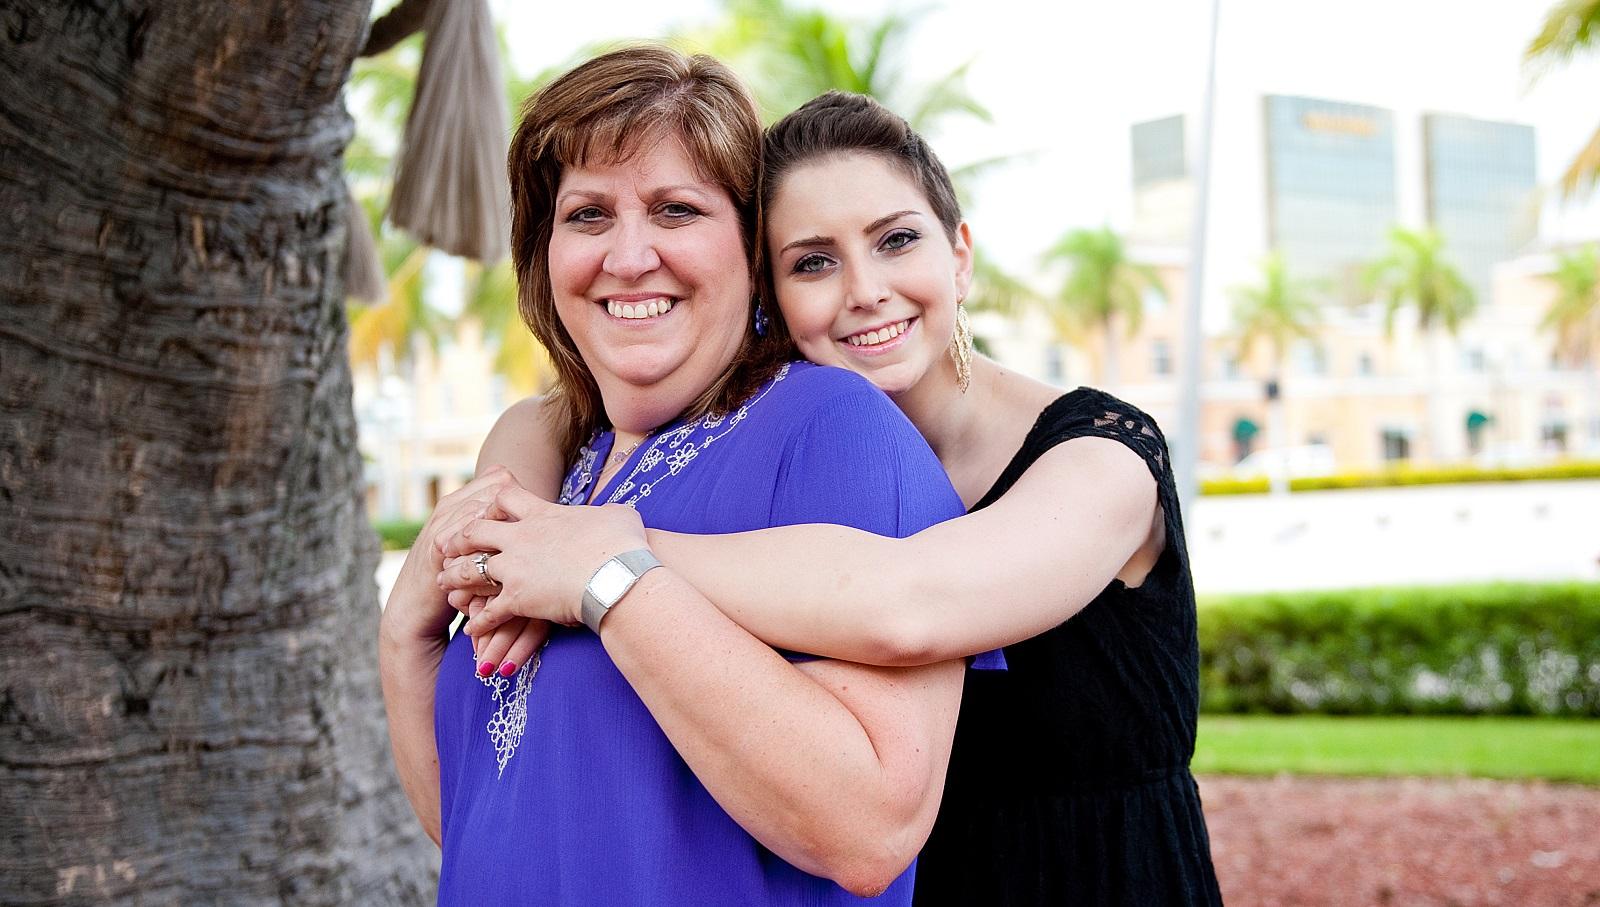 Lauren and her mom